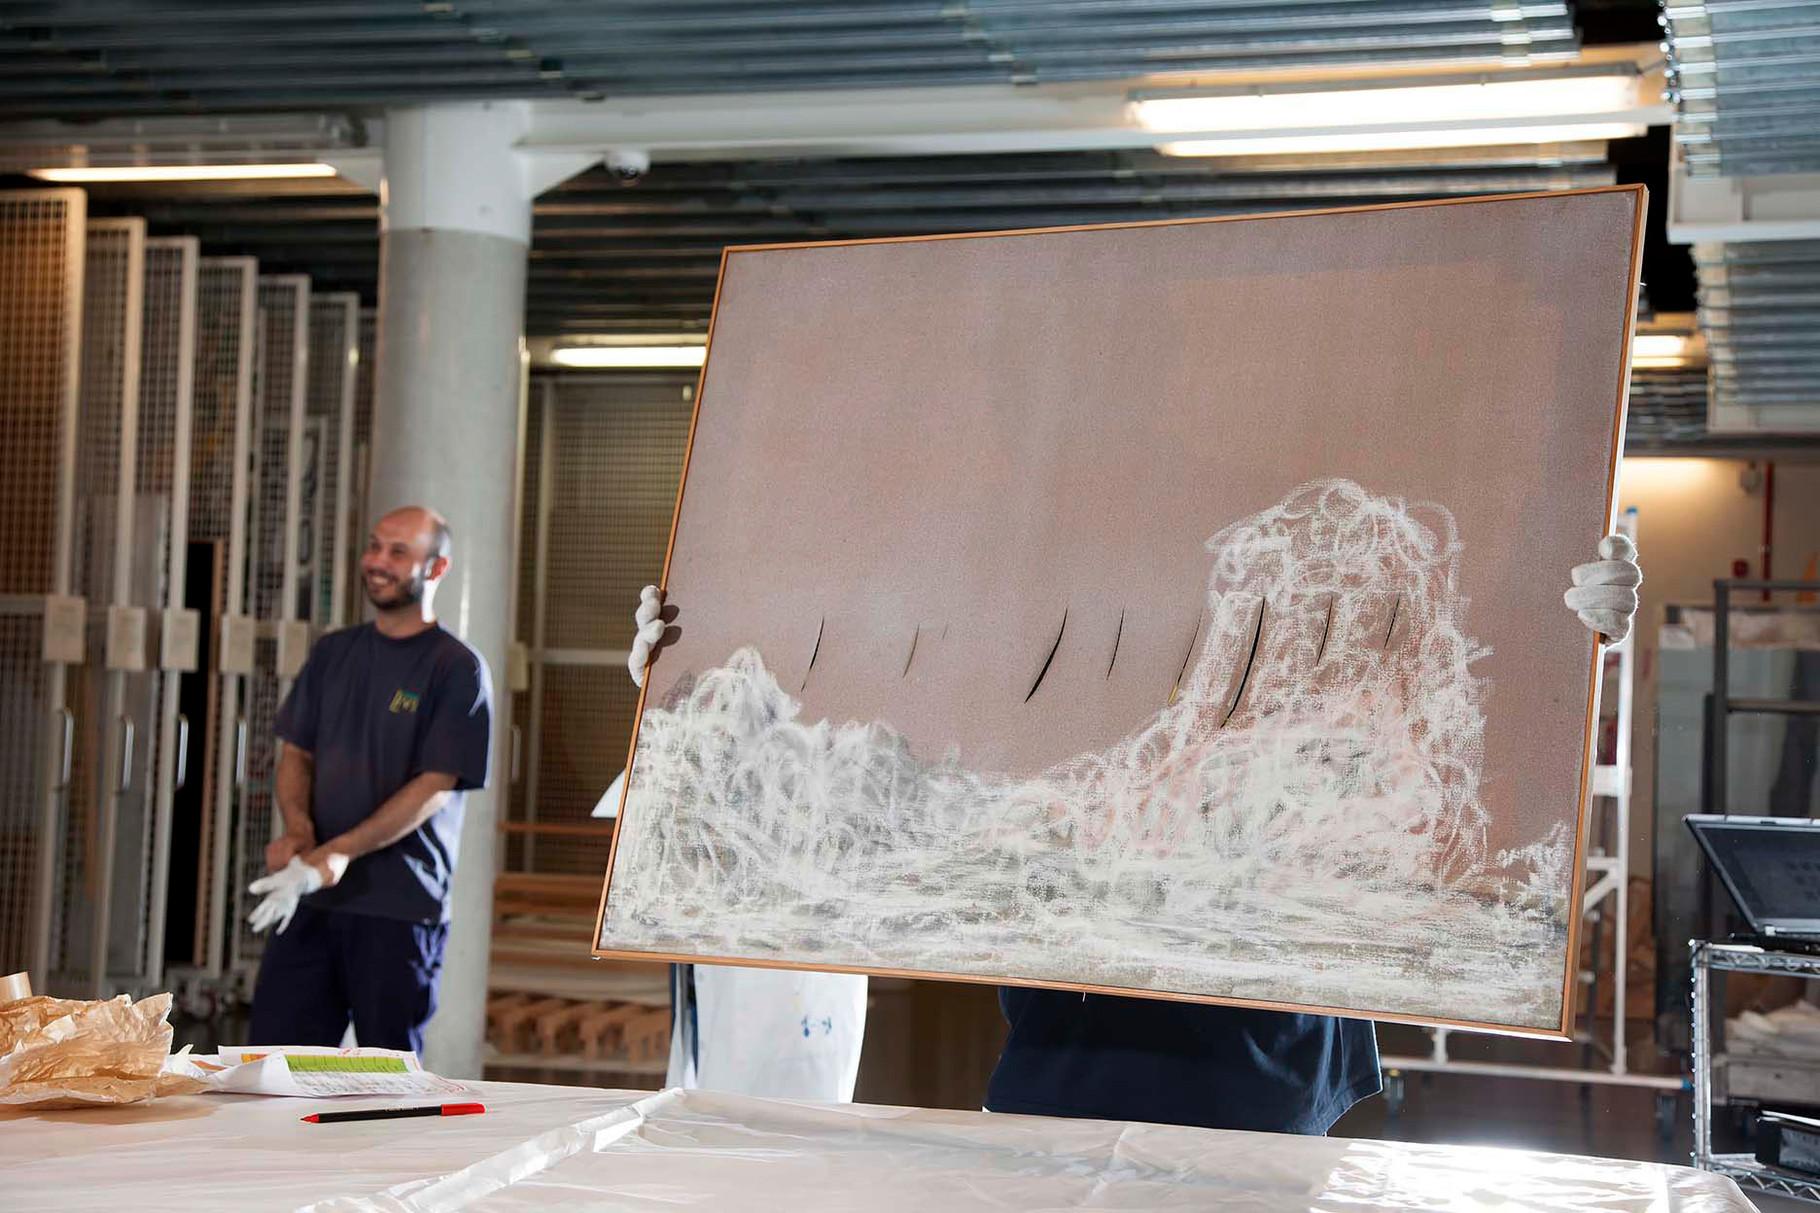 Manipulació d'un Lucio Fontana. Manipulación de un Lucio Fontana. A Lucio Fontana being moved.